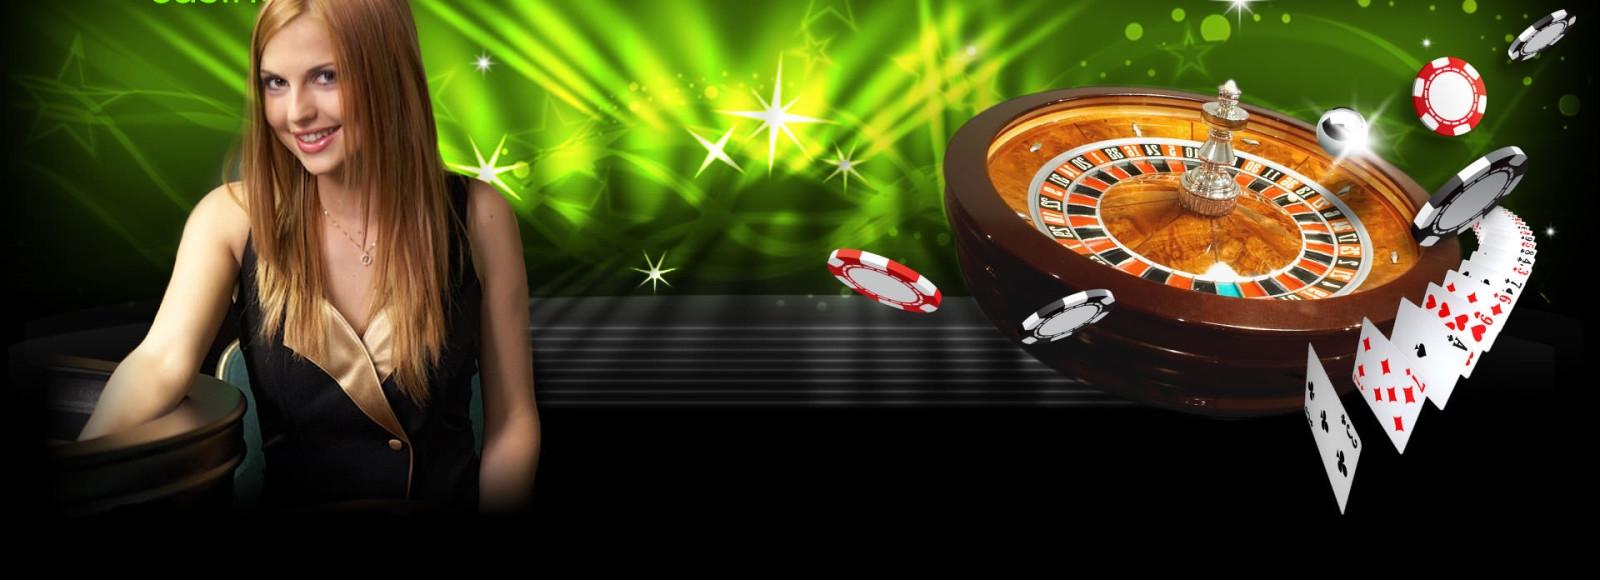 $330 Free chip casino at bWin